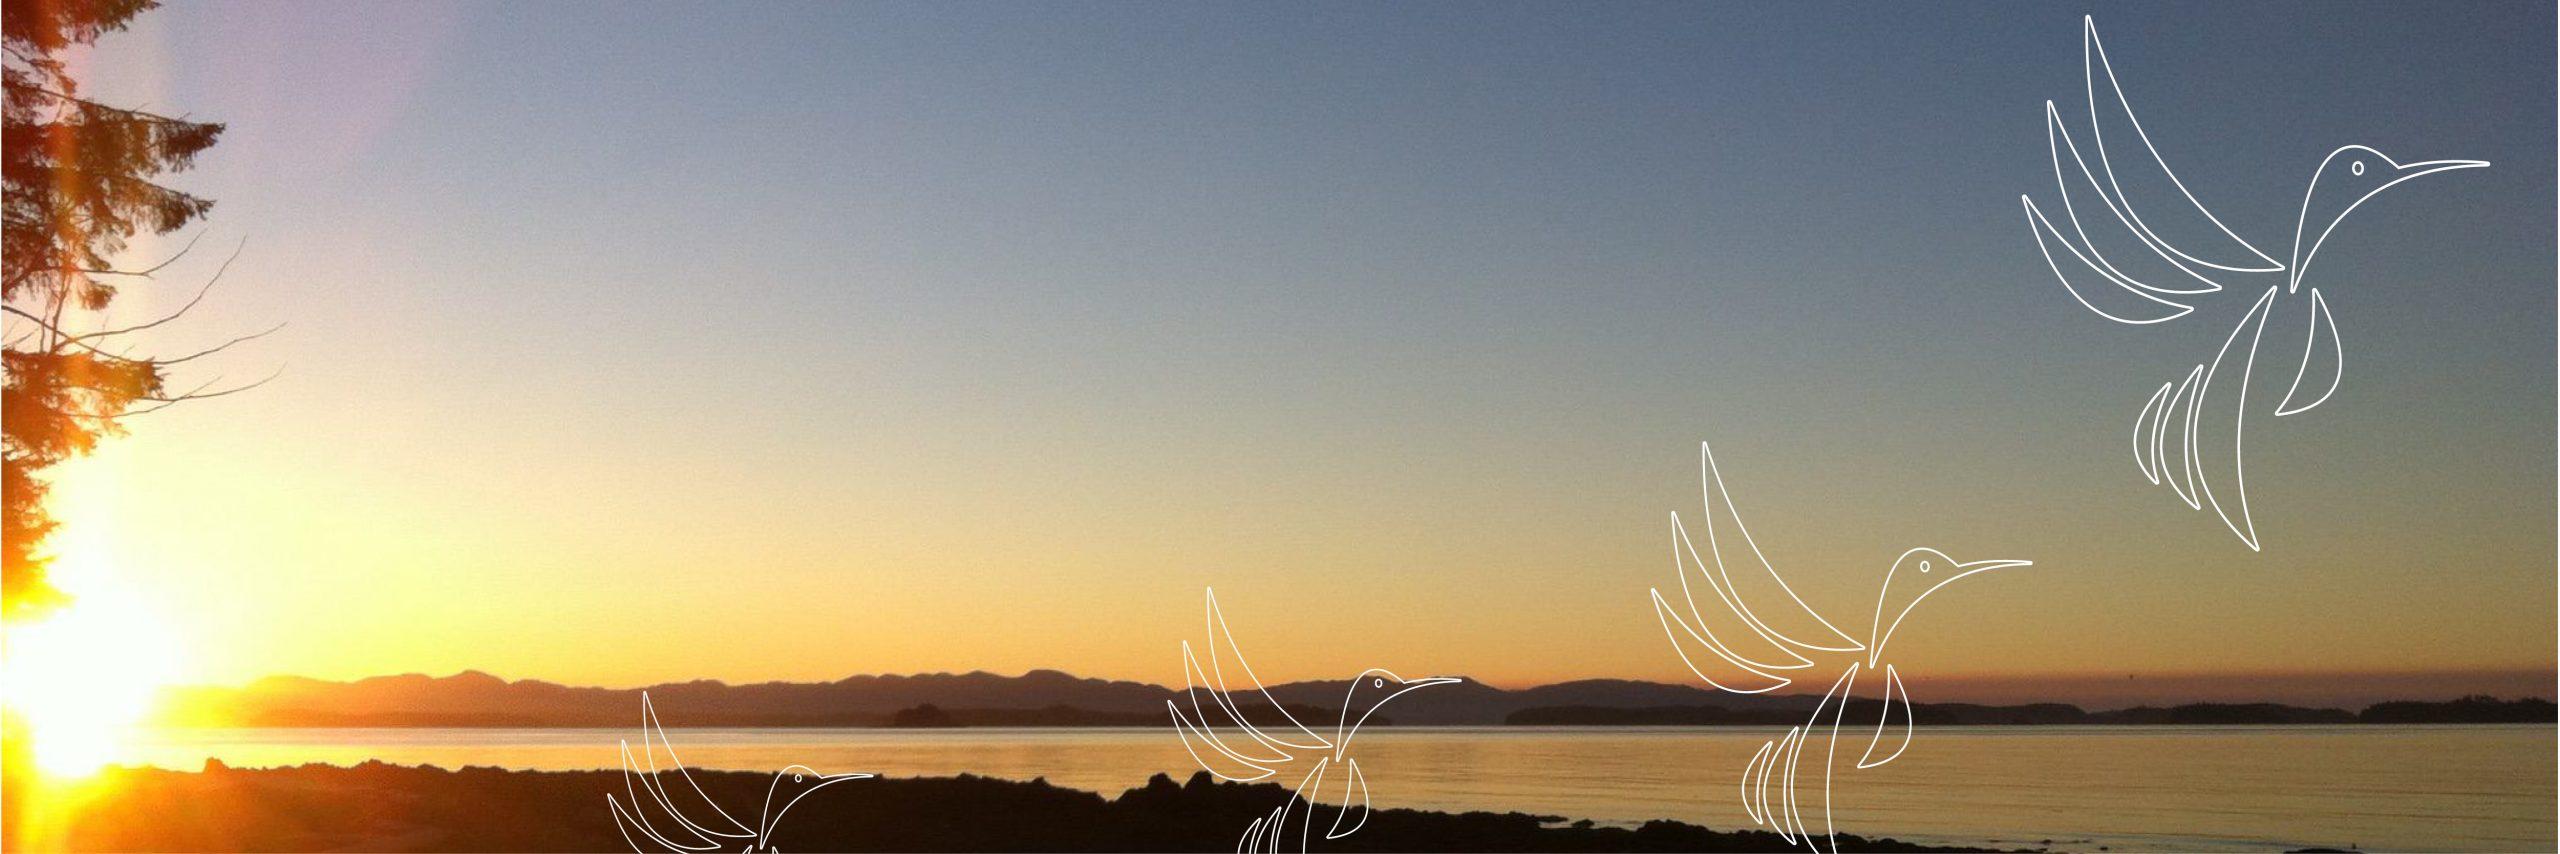 Birds taking flight- Lake view at sunrise